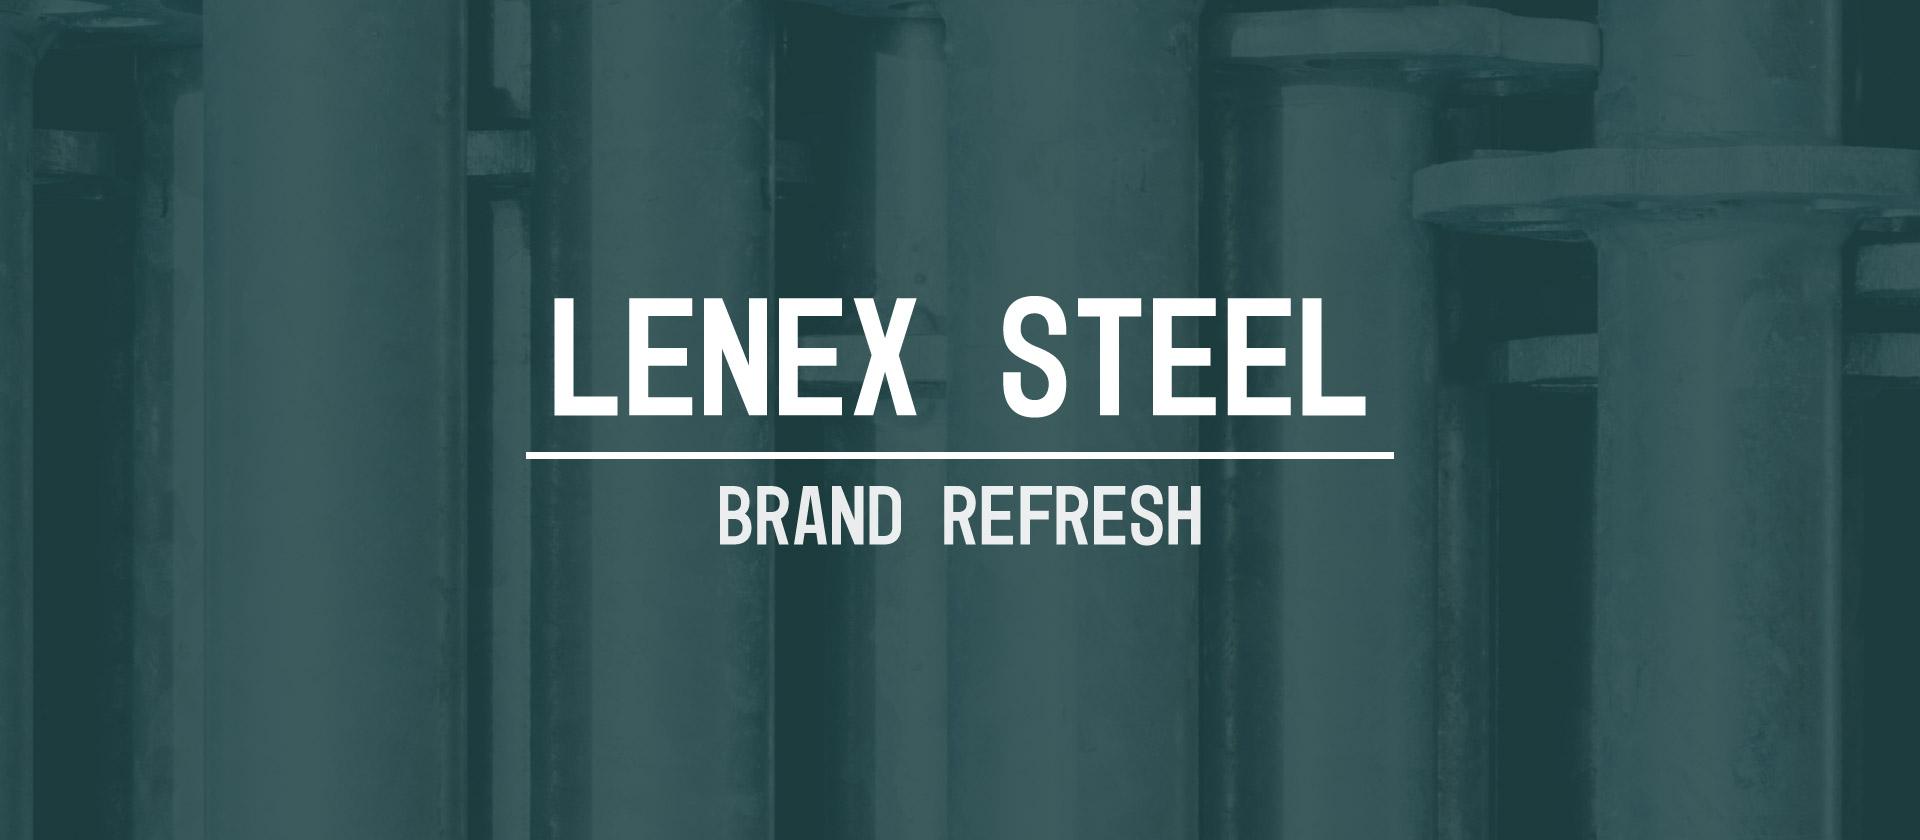 Brand Guideline and Logo Refresh: Lenex Steel